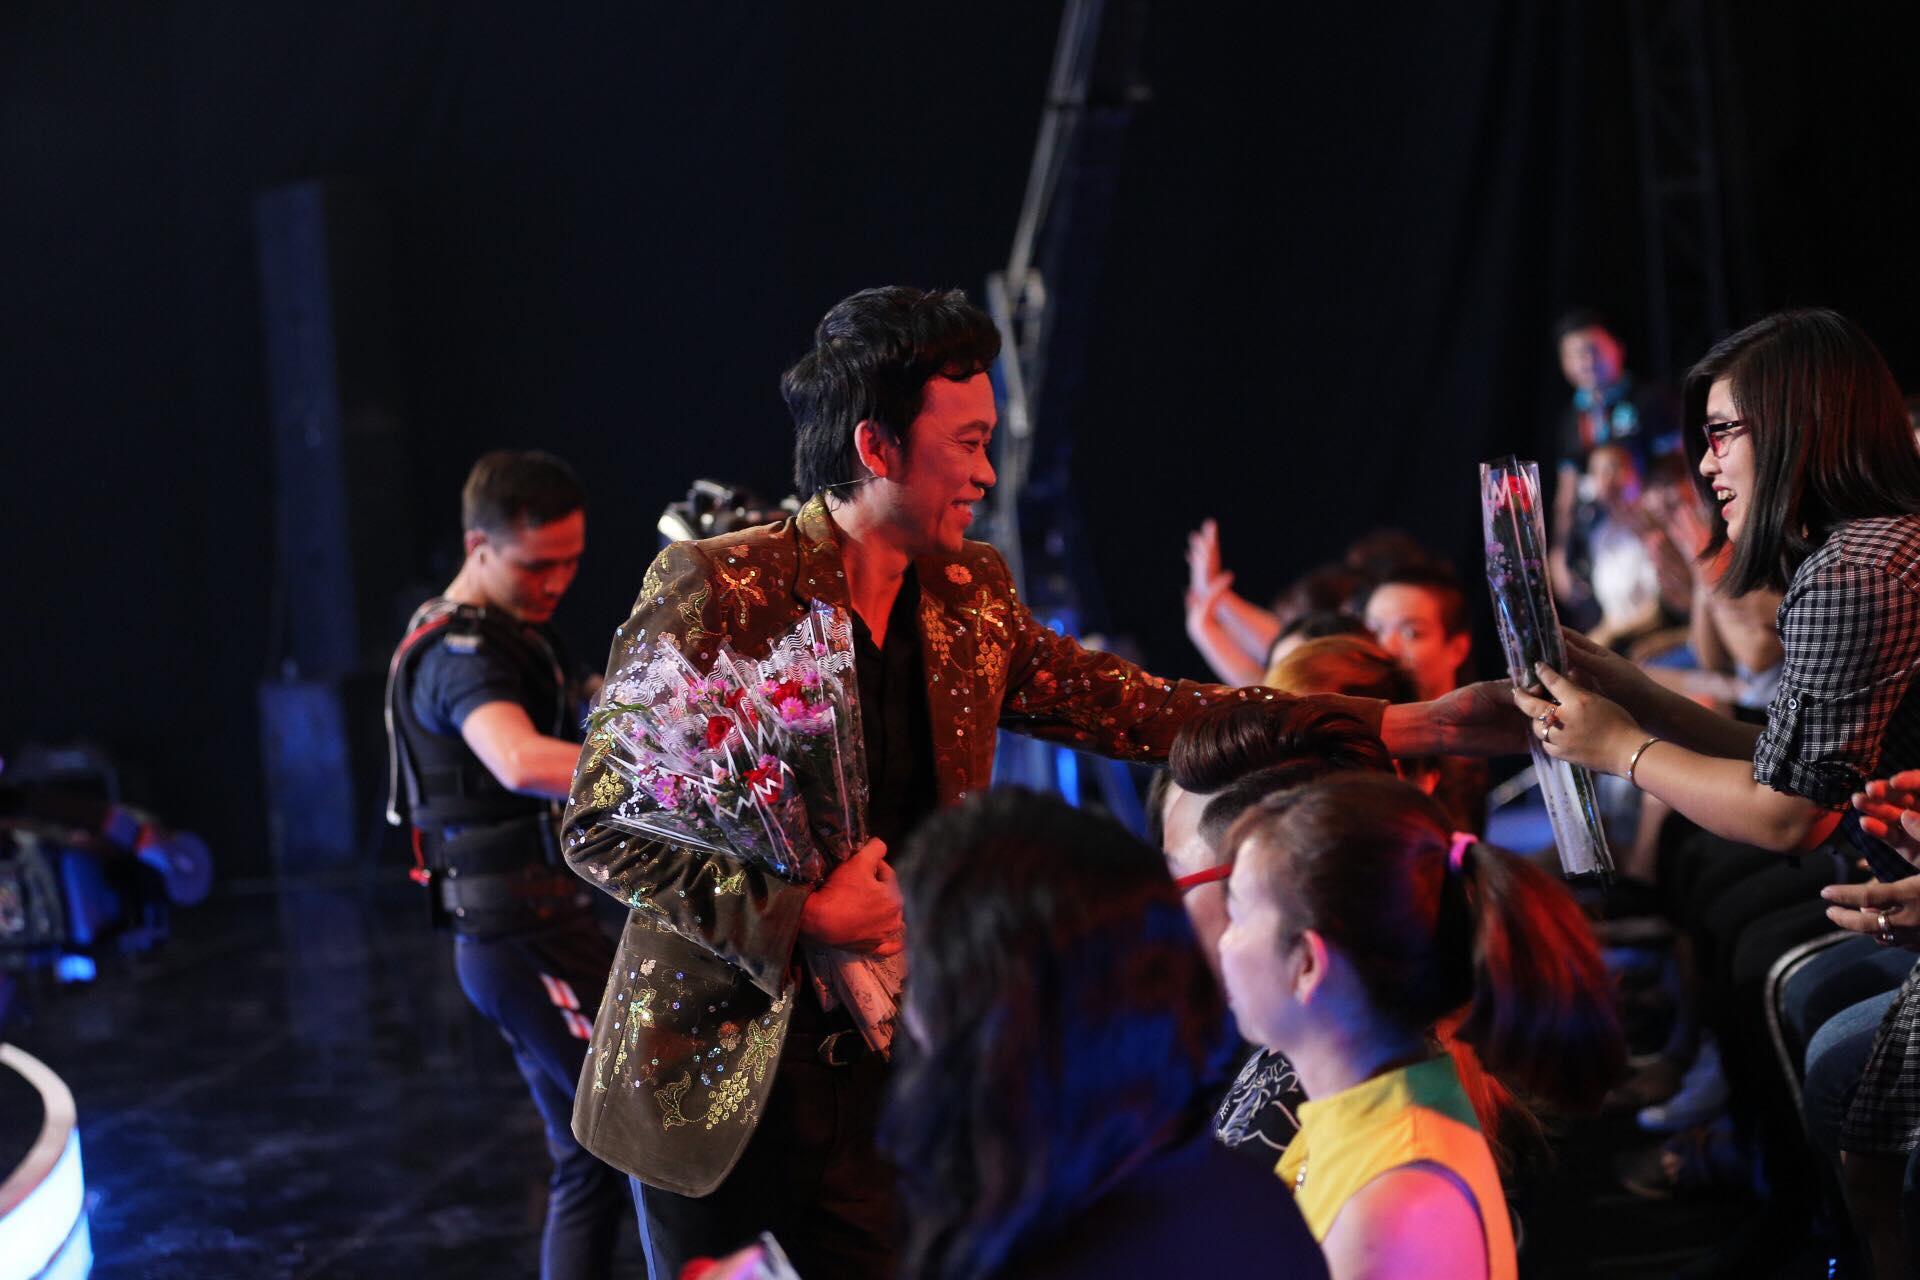 Trấn Thành, Hoài Linh tặng hoa cho vợ và người hâm mộ khiến phim trường náo loạn